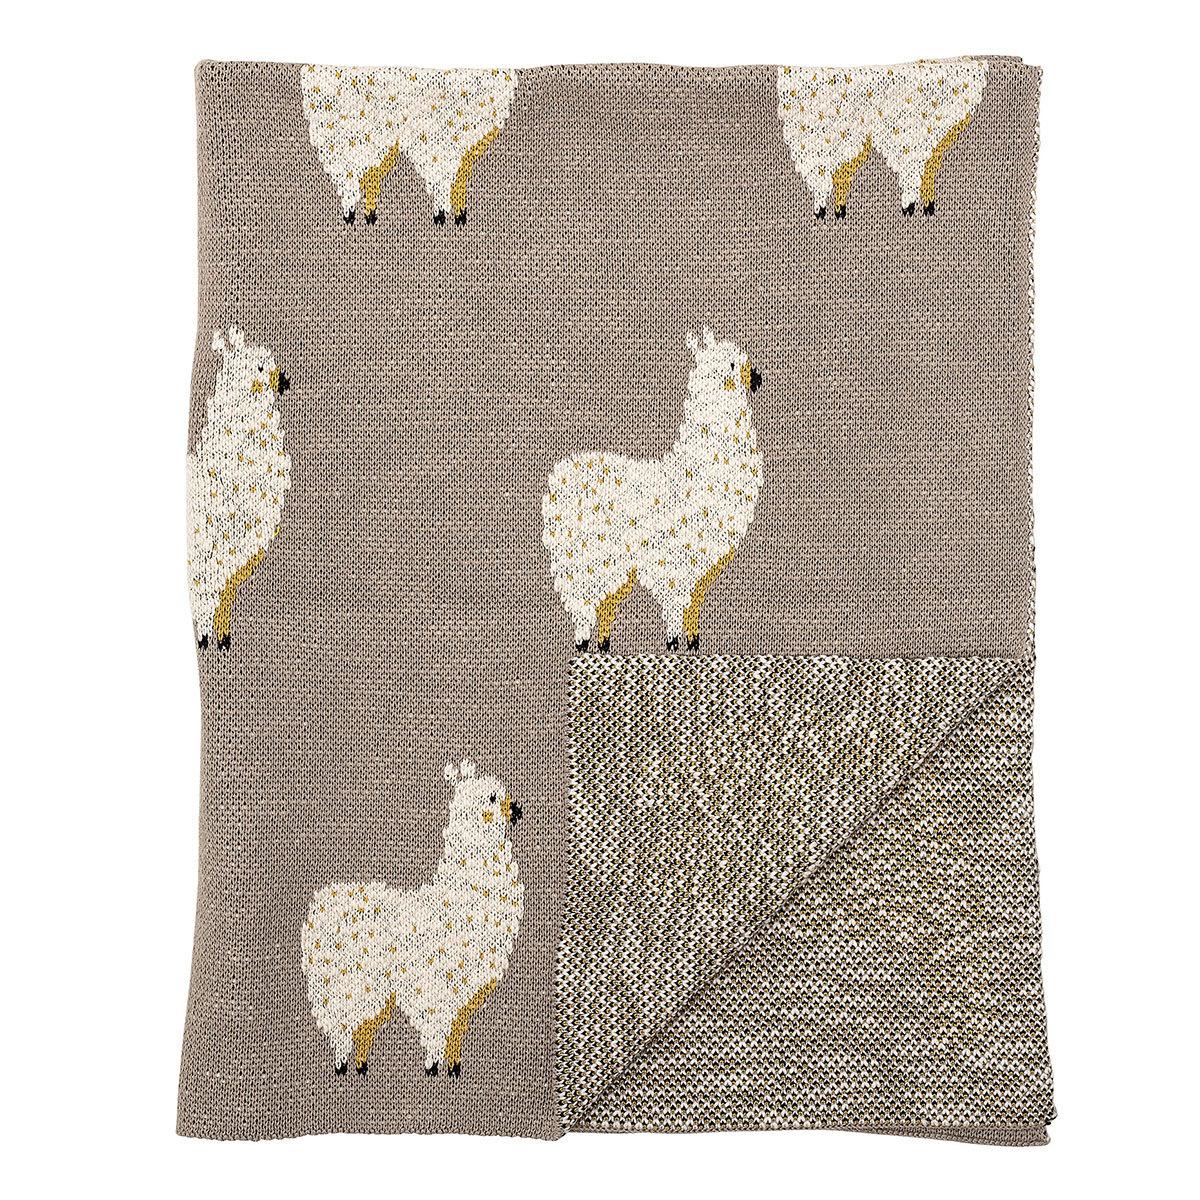 Linge de lit Couverture Coton Lama Couverture Coton Lama